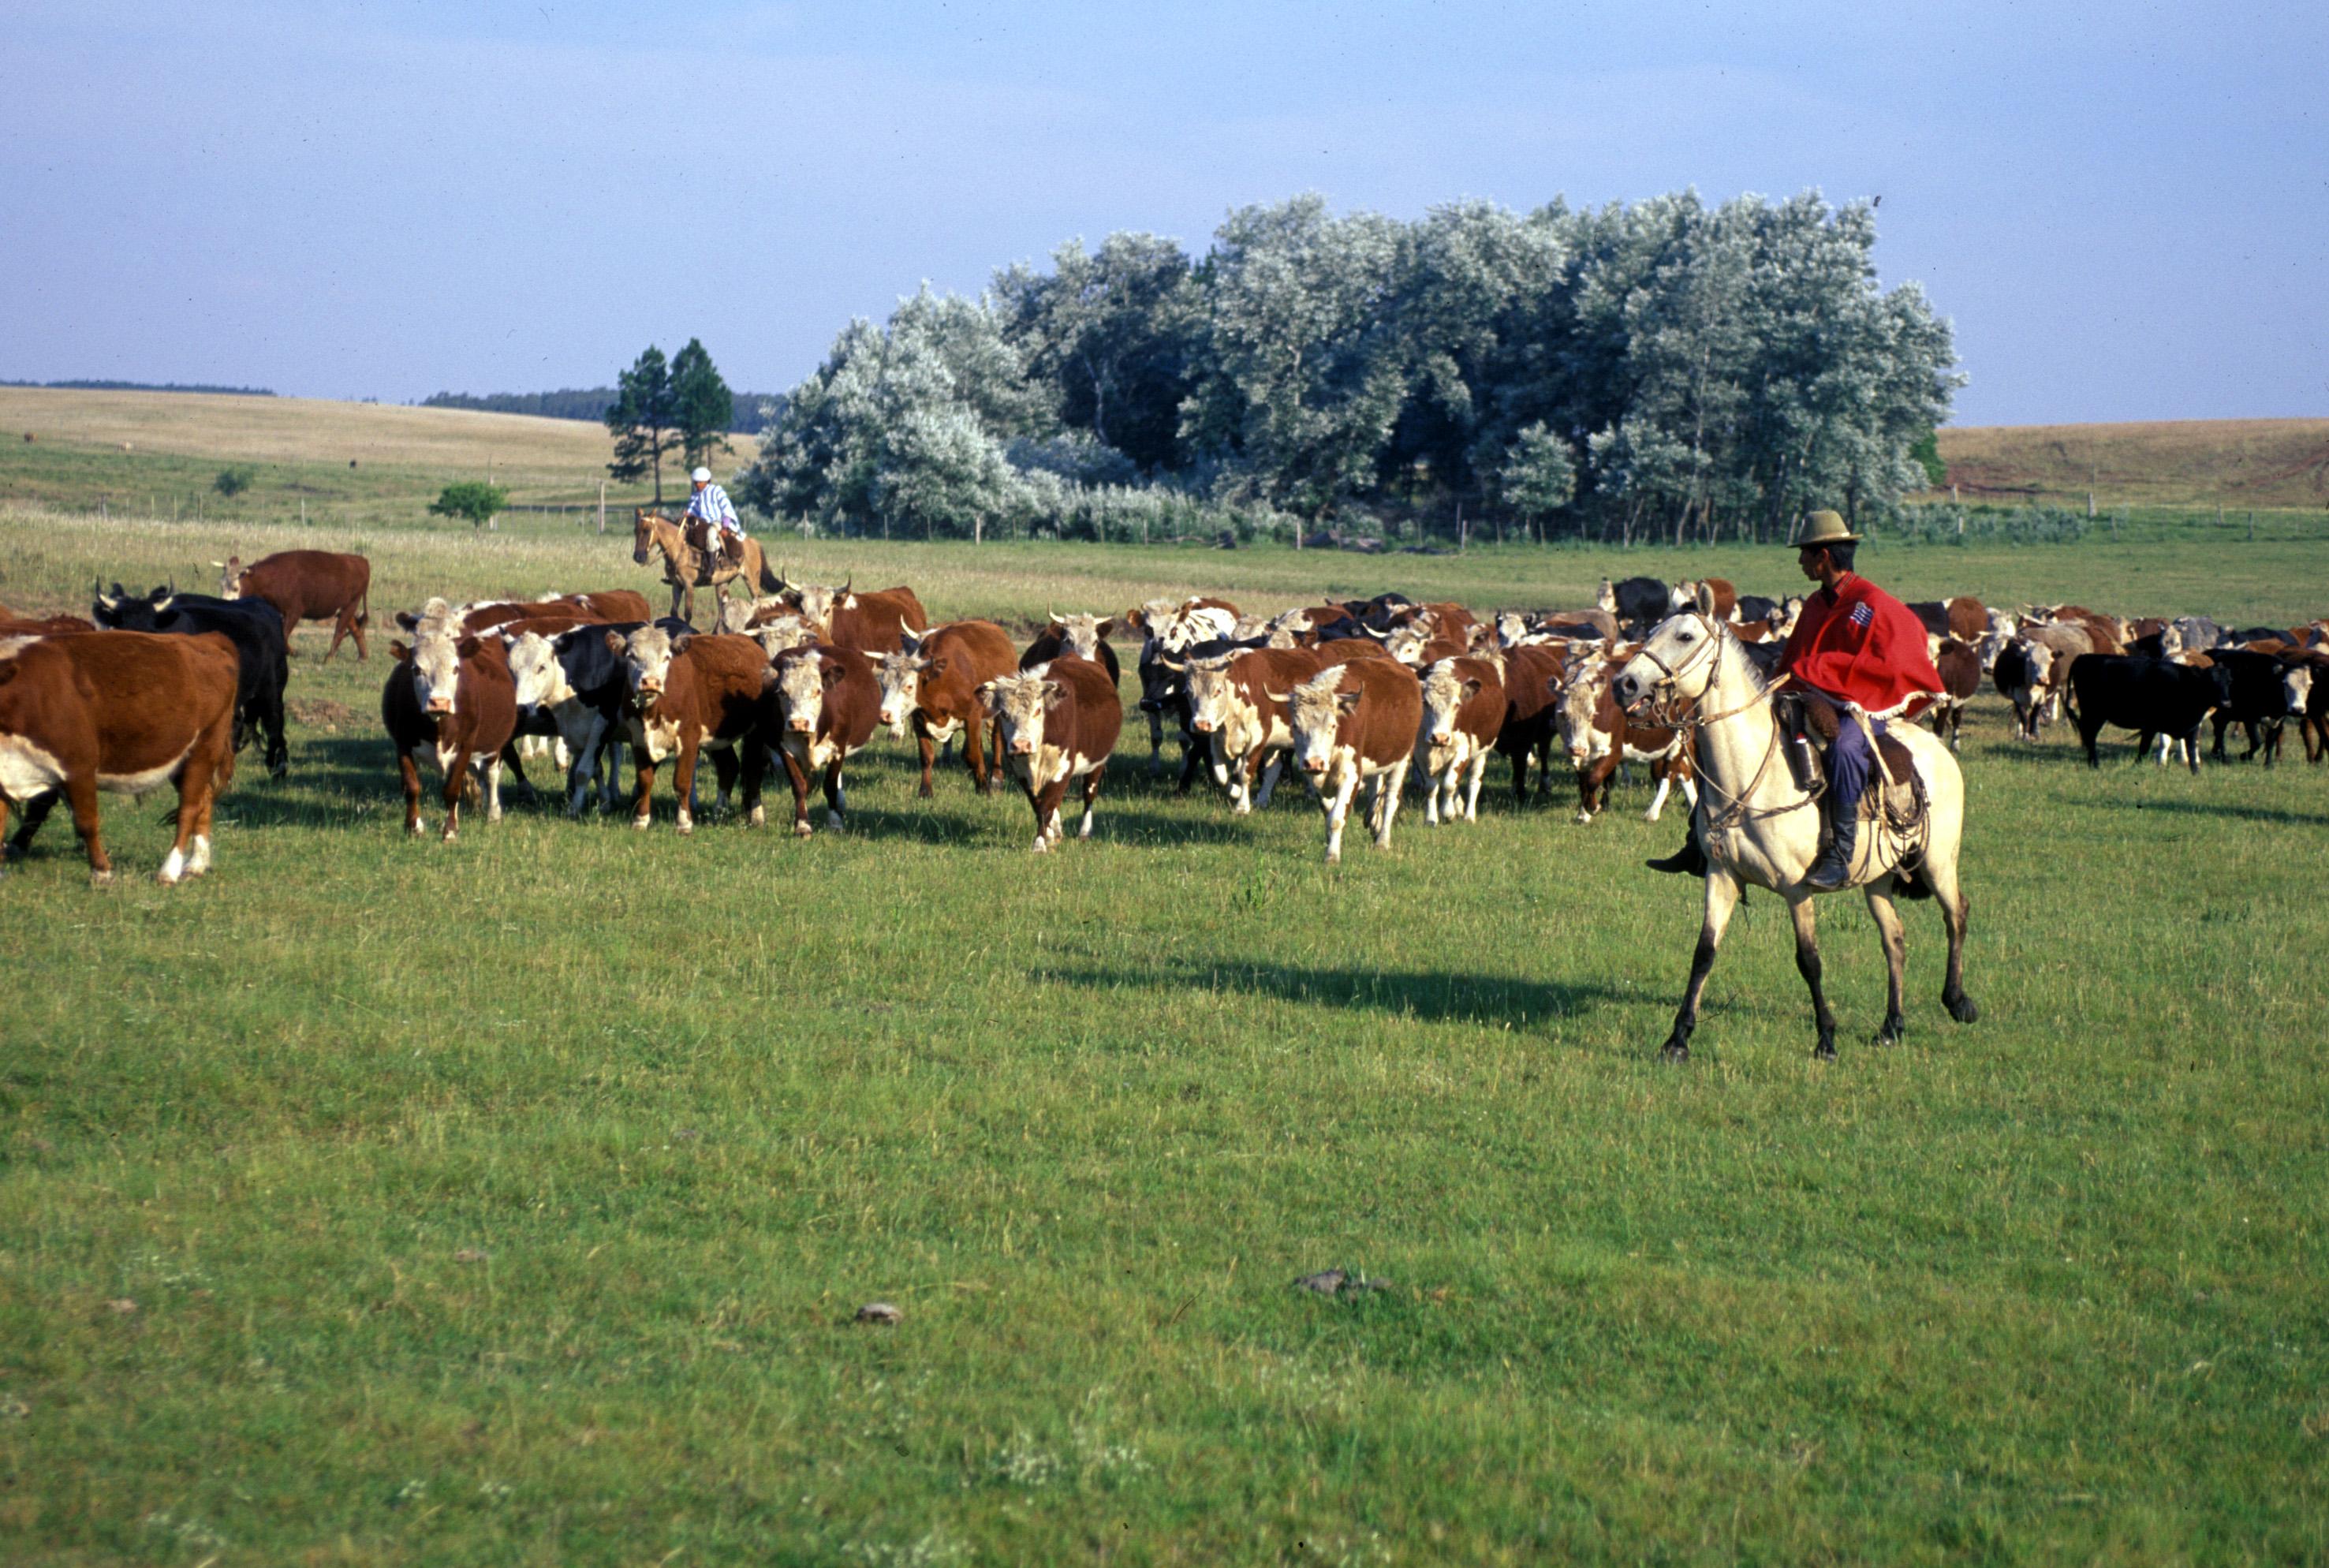 Gauchos -- Argentinian/Uruguayan cowboys